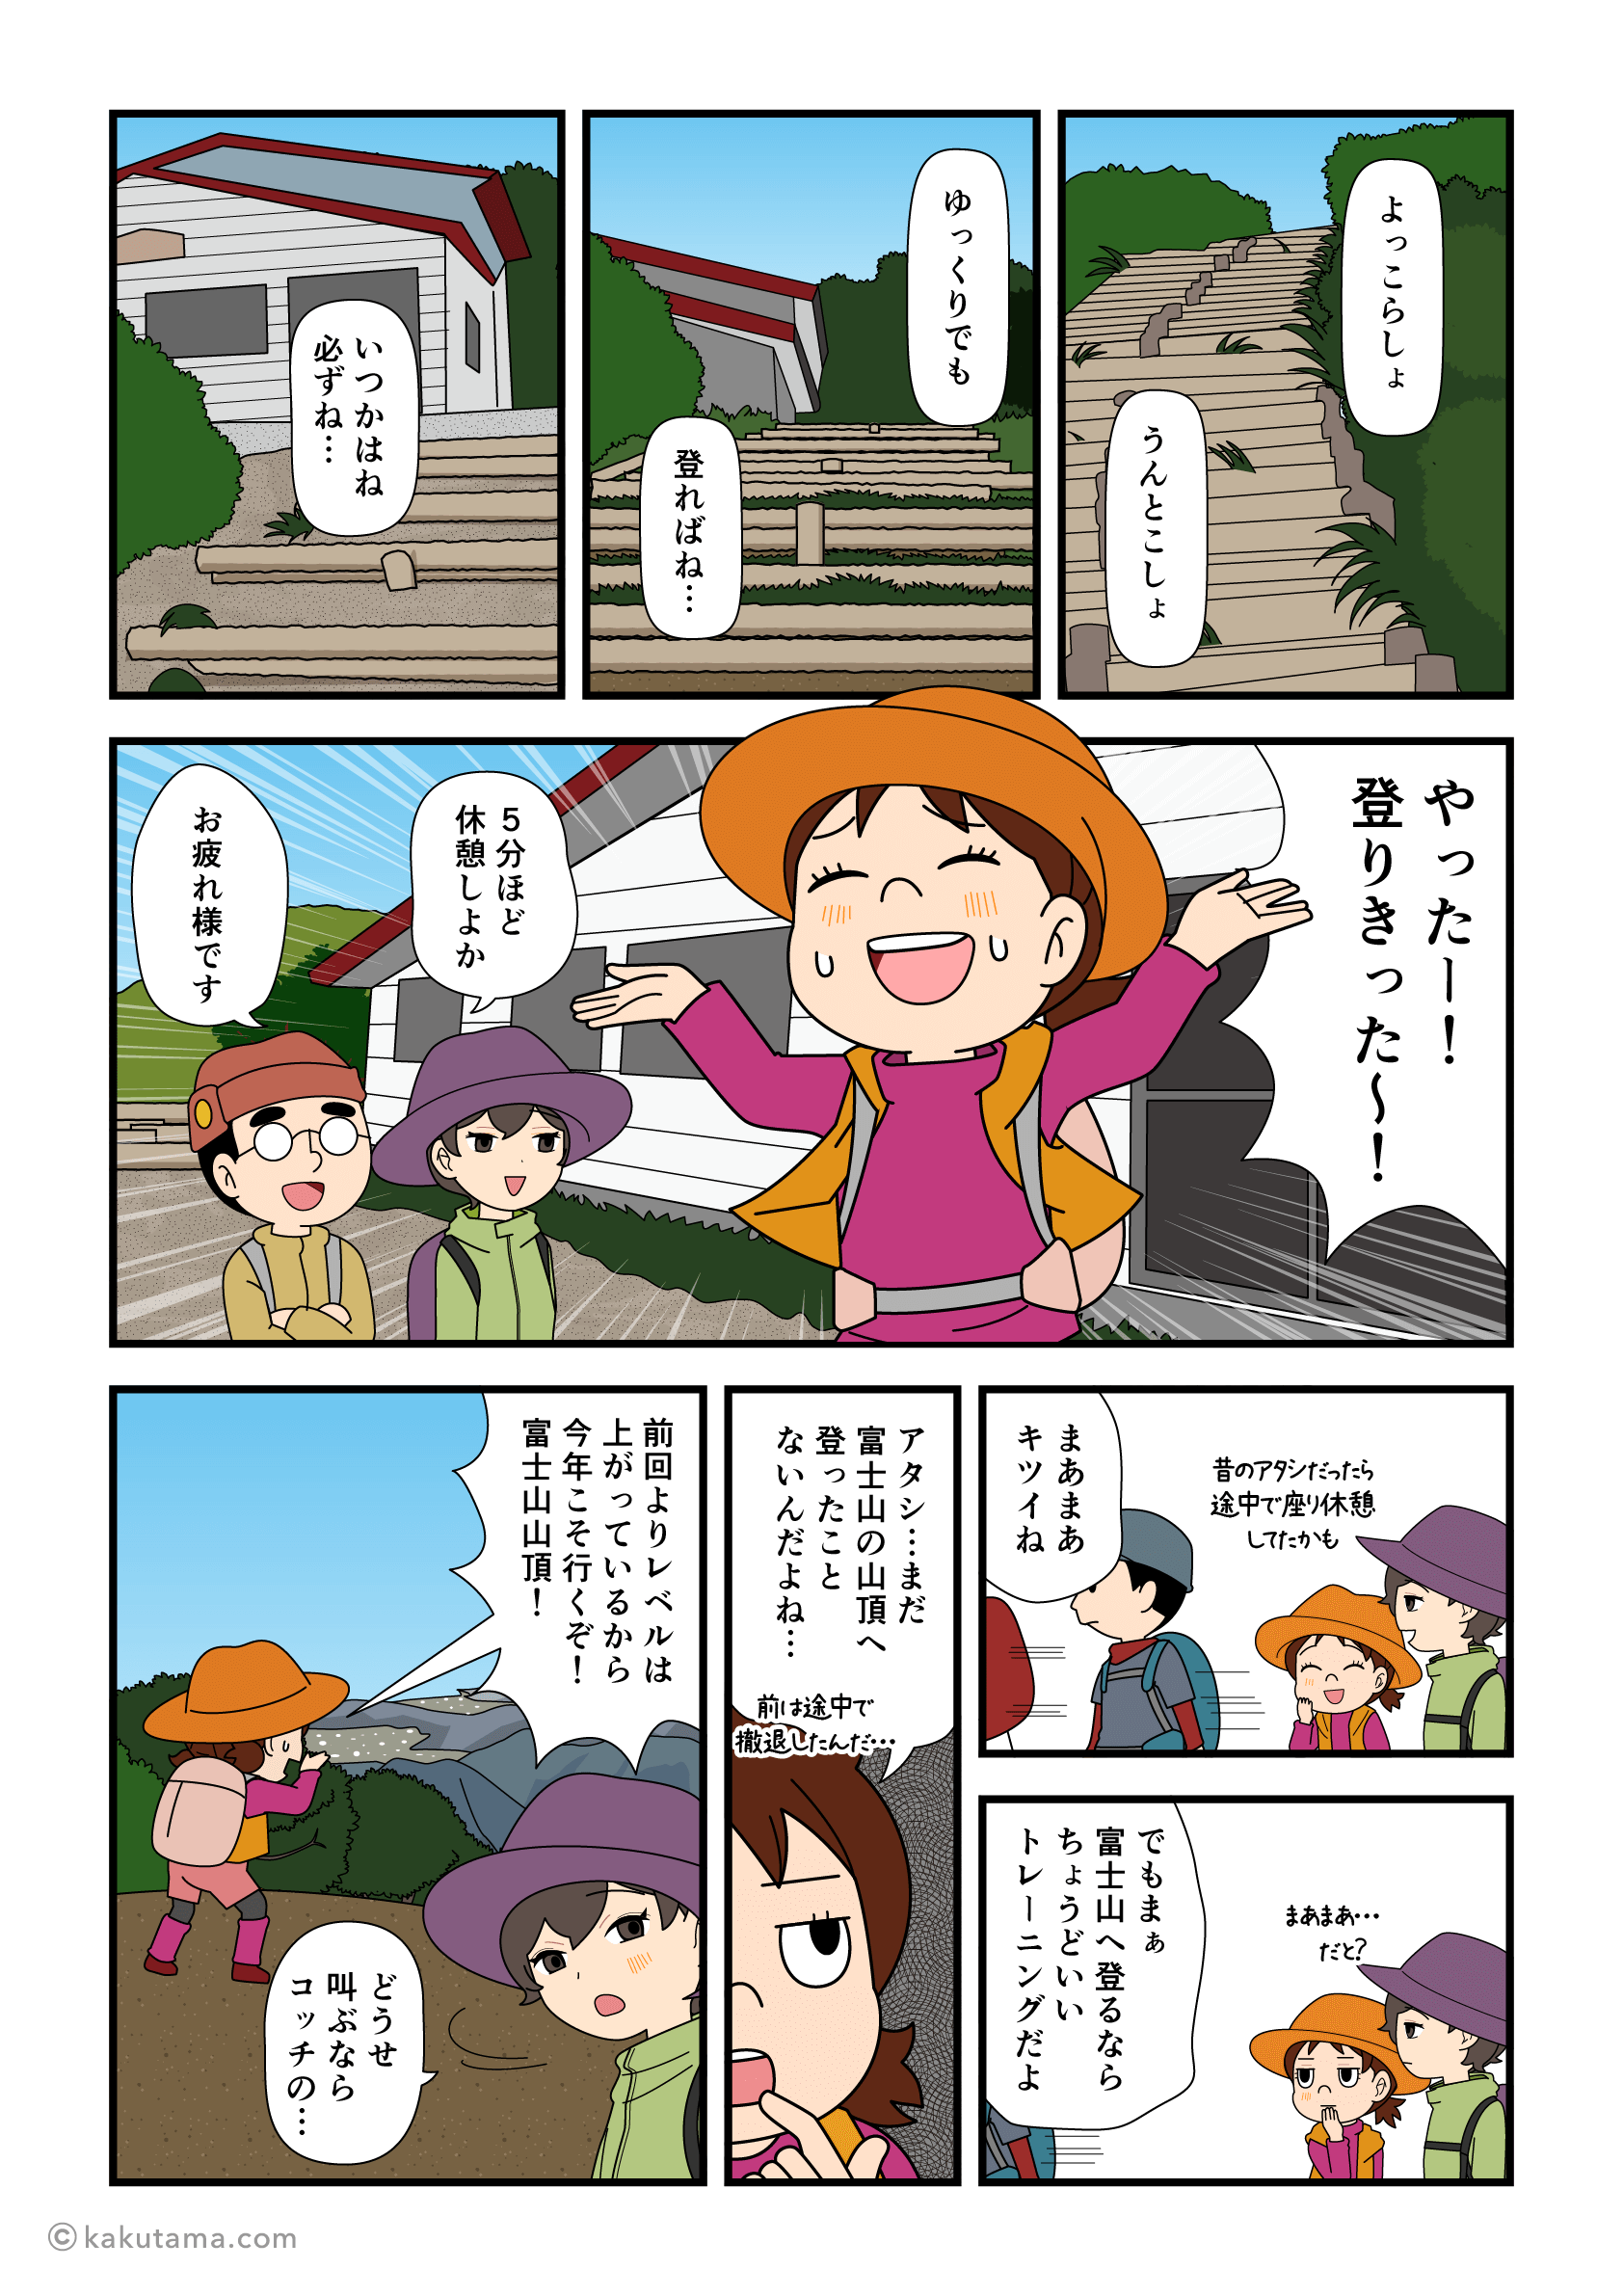 花立山荘前のキツイ階段を登りきったコトで富士登山への自信が芽生えた登山者の漫画